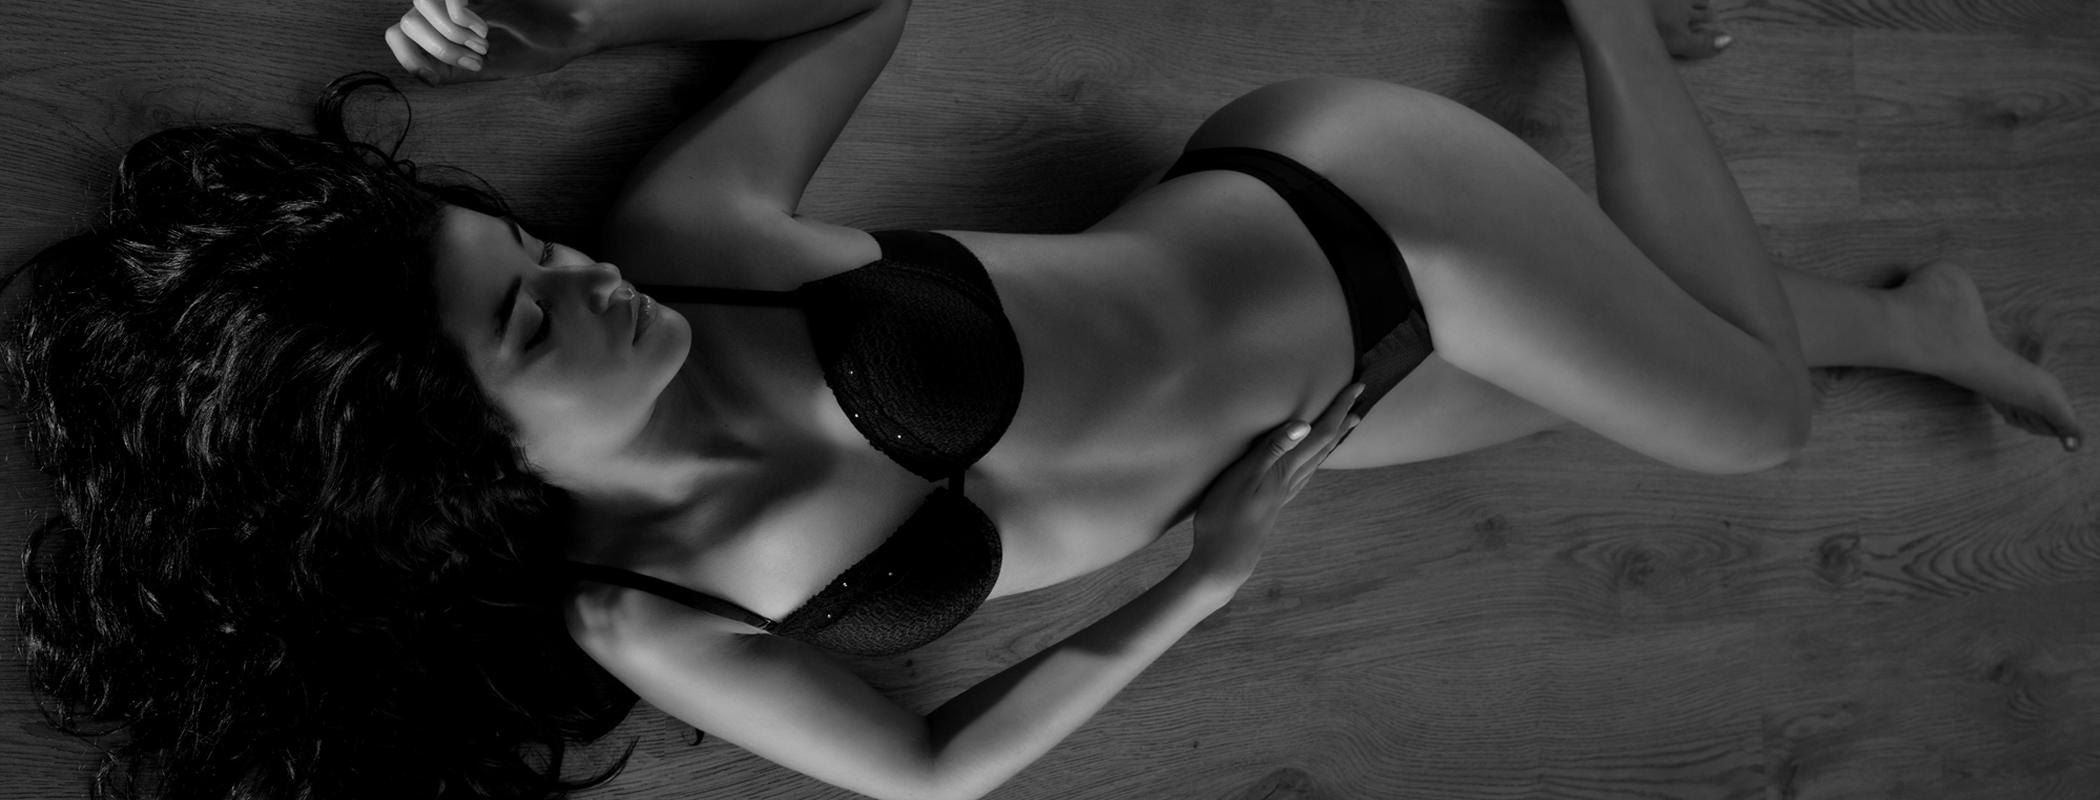 GINI | 性福靠自己 - 思維